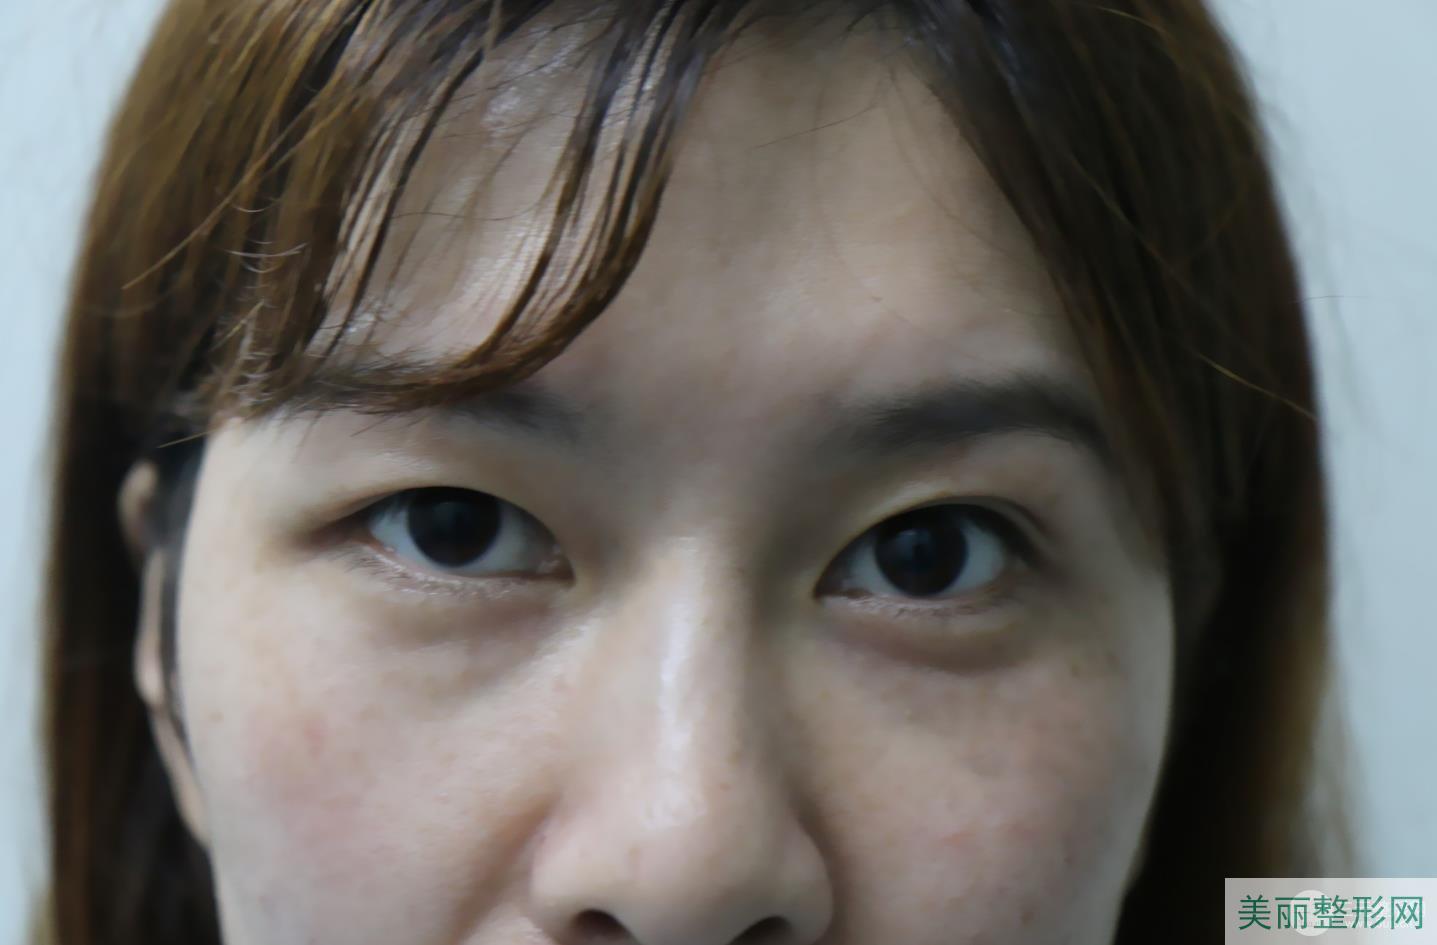 南充川北医学院整形外科怎么样 附双眼皮案例图~